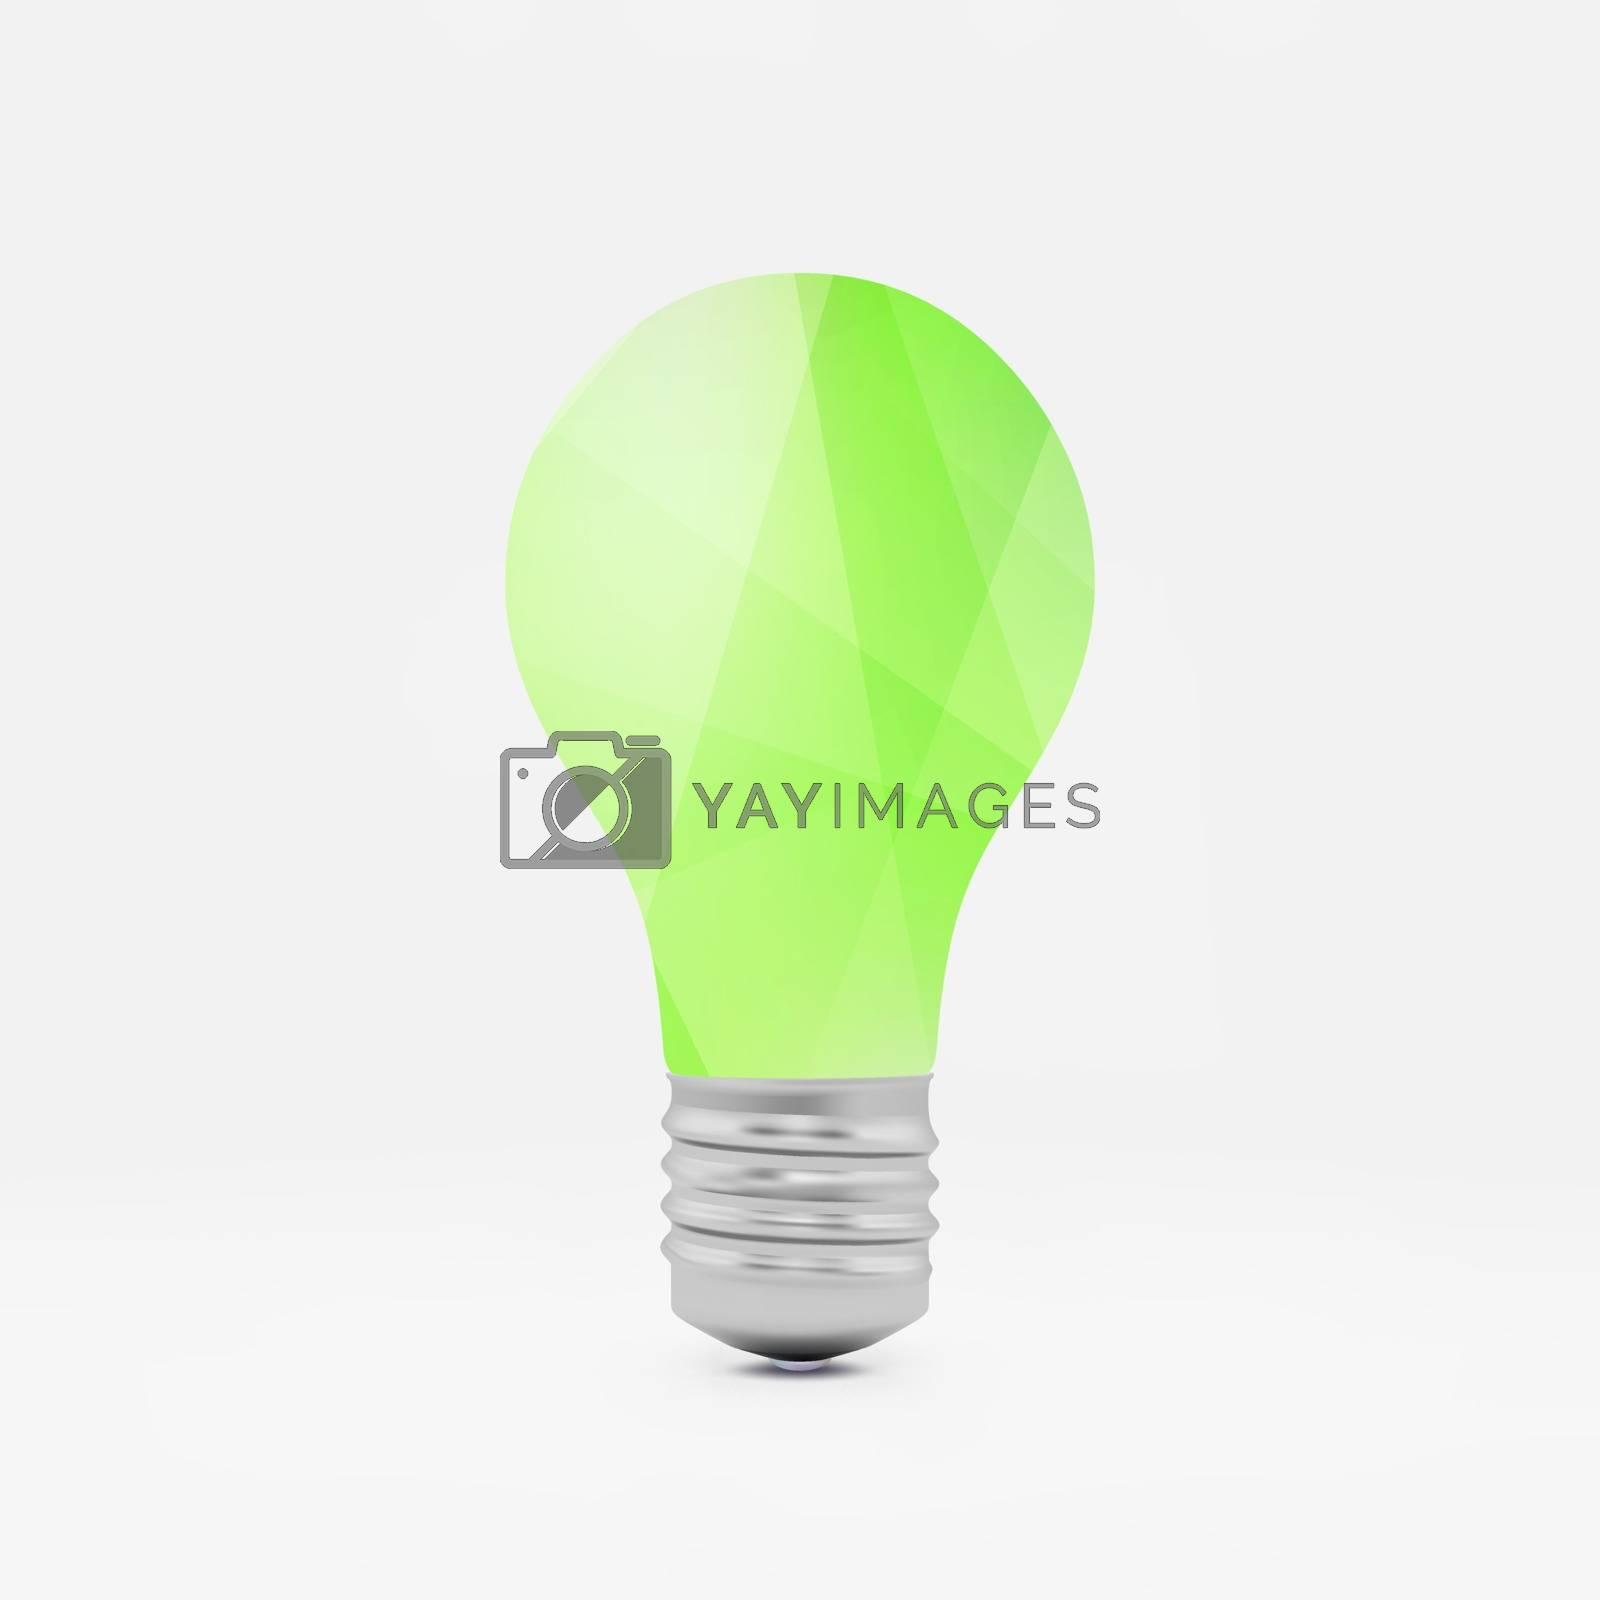 Lightbulb idea symbol. 3d vector illustration.  by login